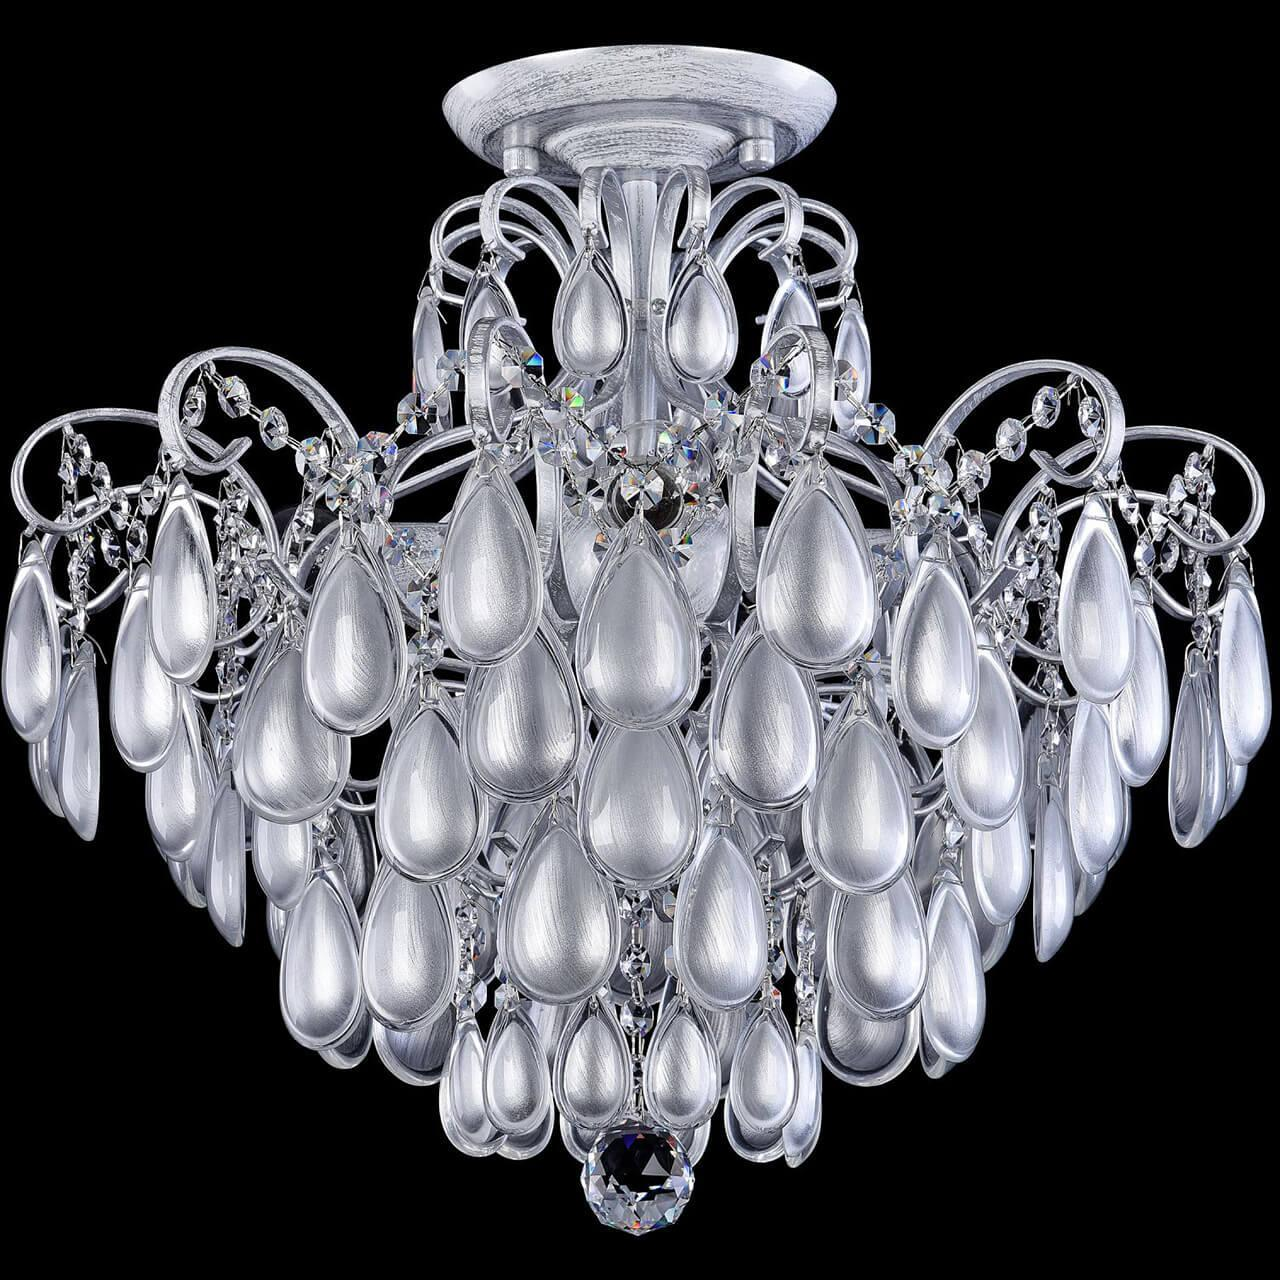 Люстра Freya Chabrol FR2302CL-04S потолочная набор посуды polaris verona 04s